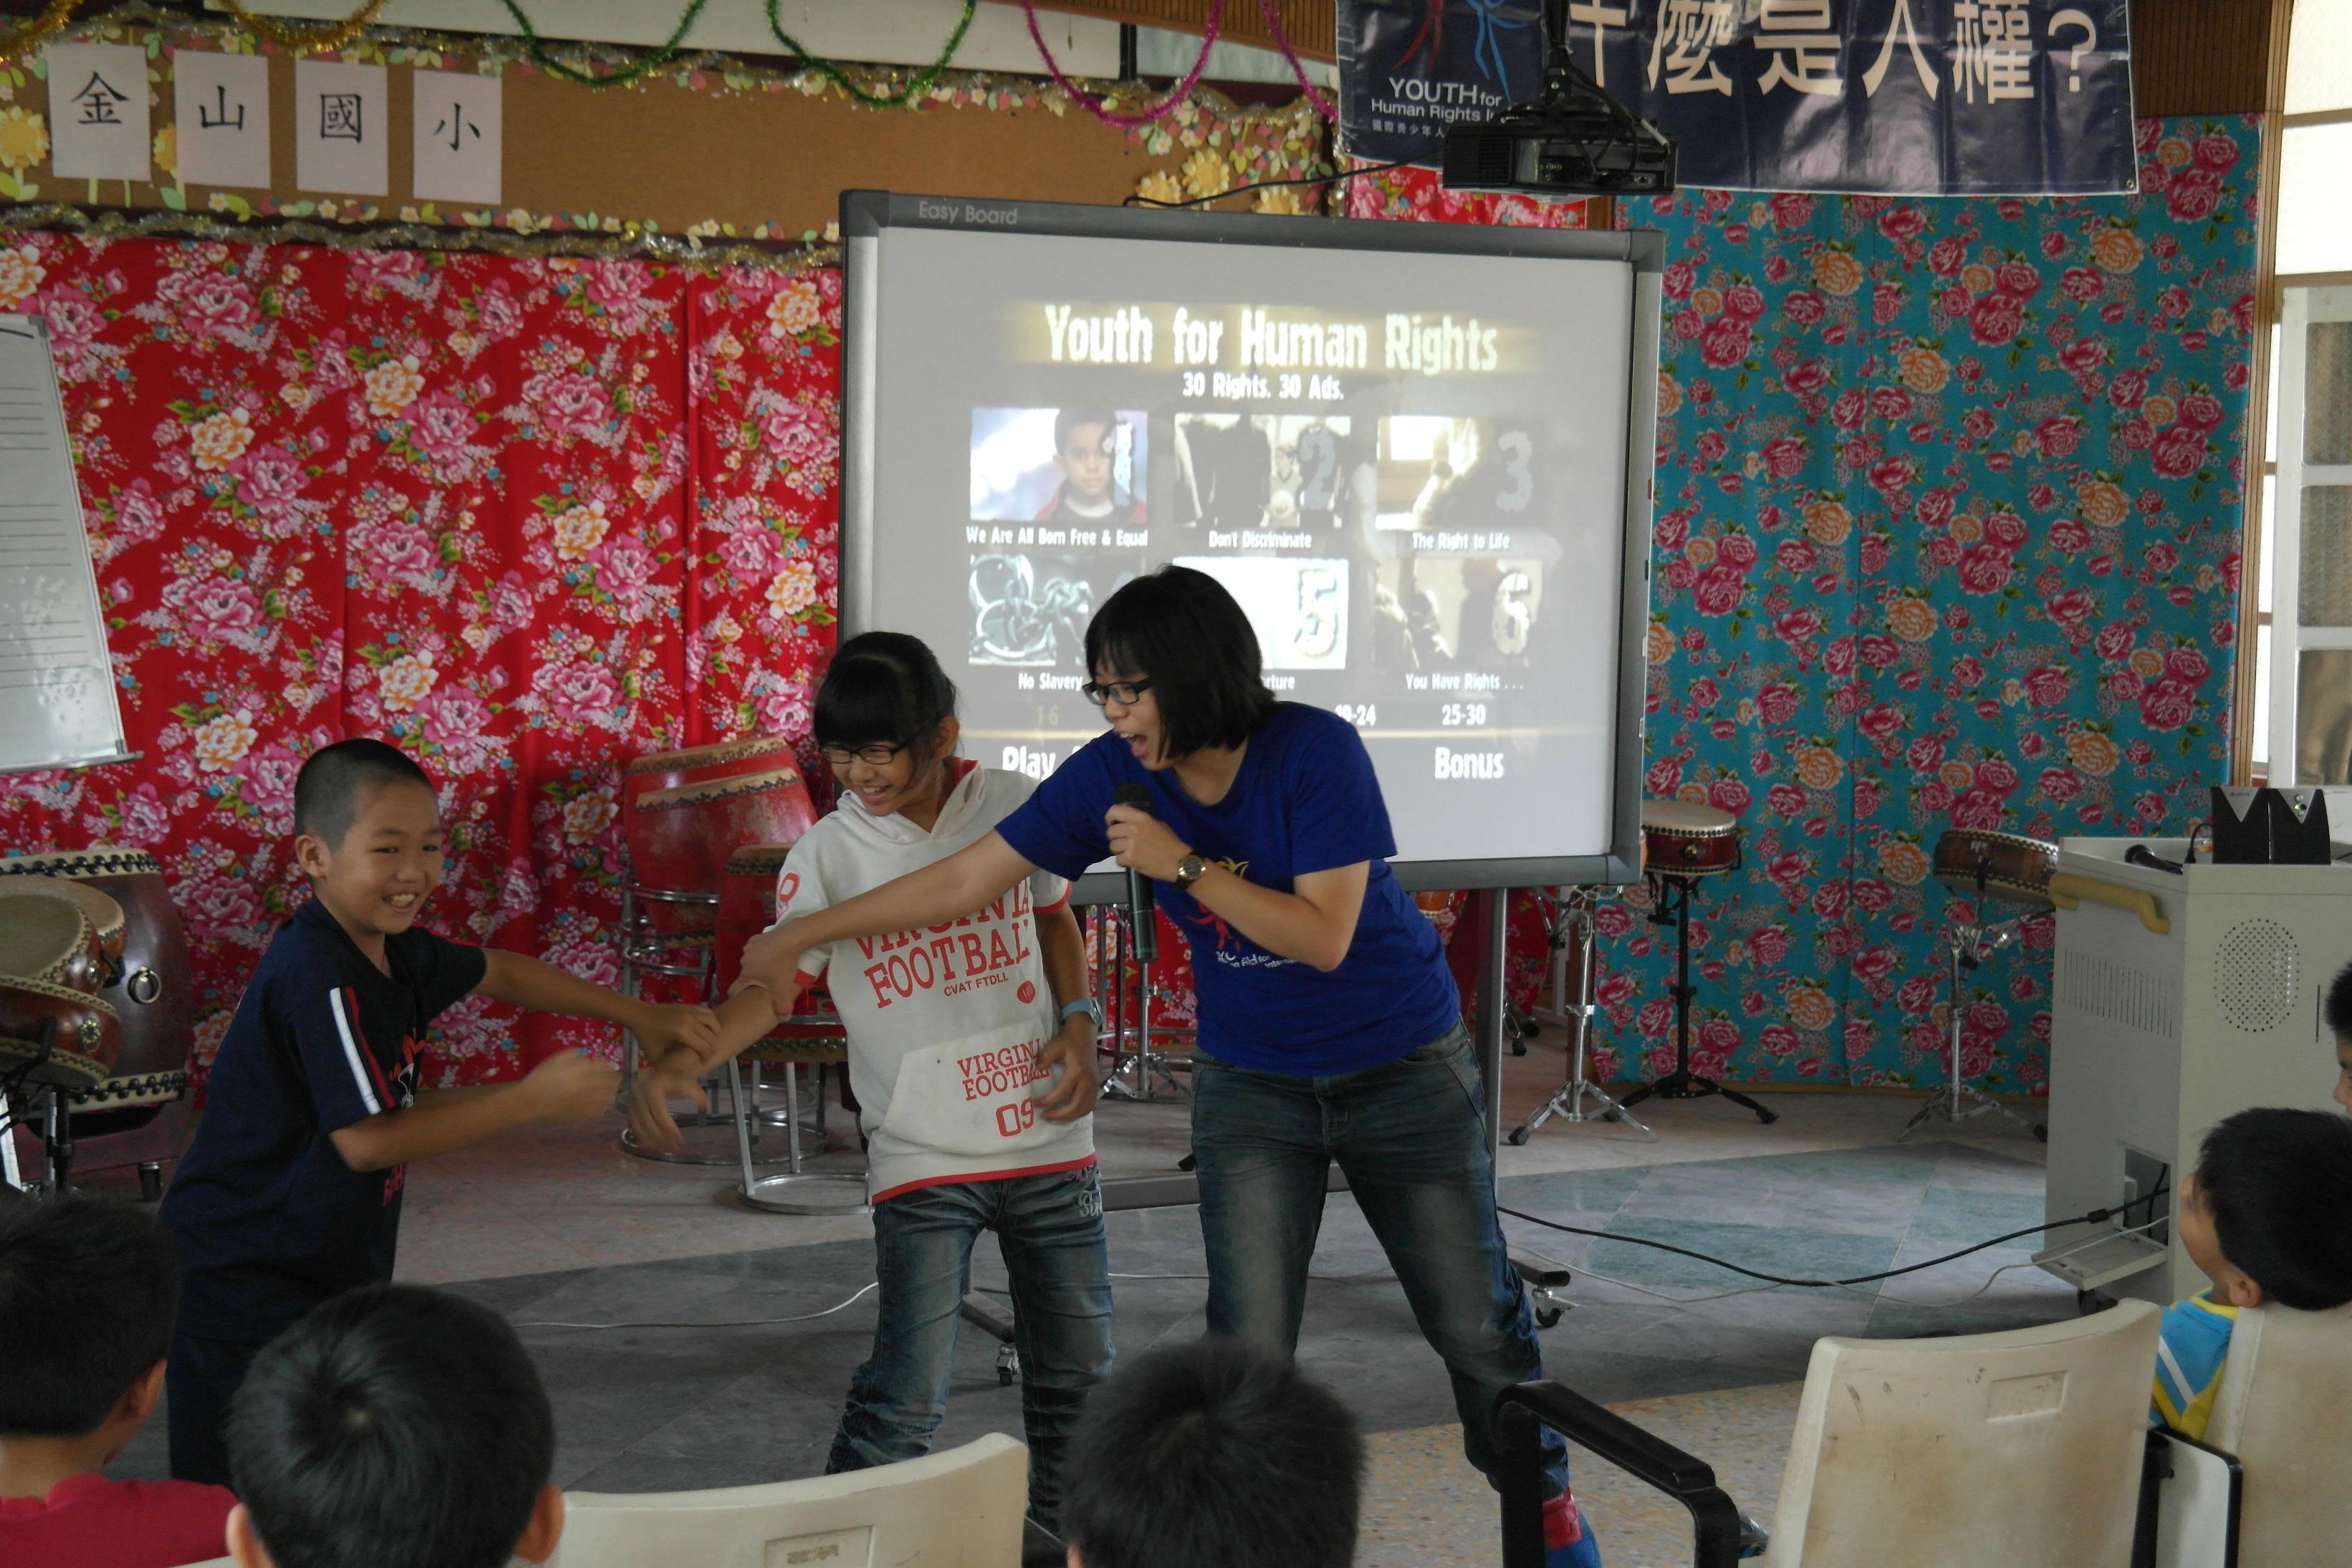 短劇、有獎徵答提昇國小校園人權觀